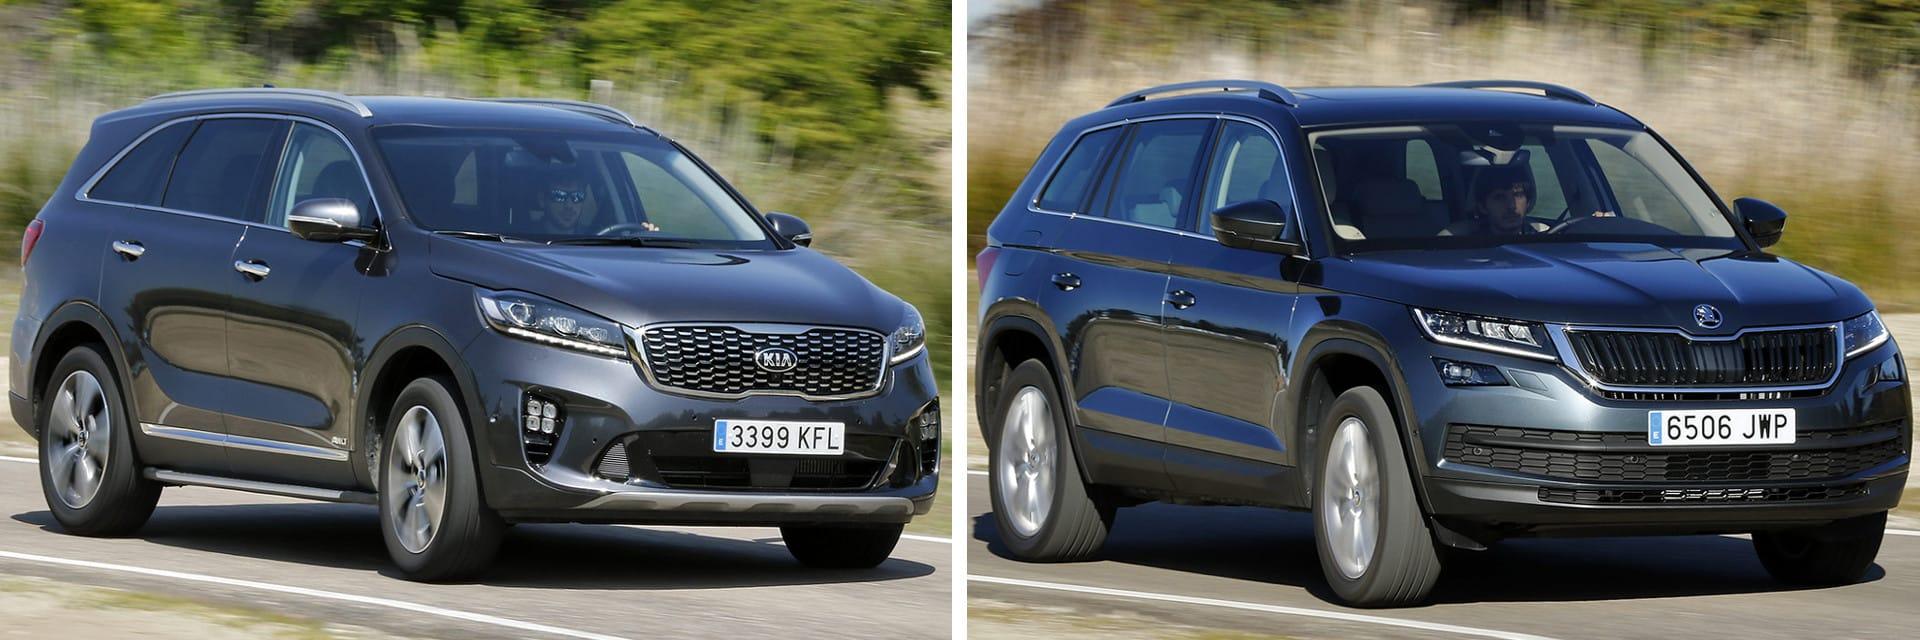 El KIA (izq) es un vehículo más torpe y tiene mayor tendencia a abrir la trayectoria en curvas en comparación con el Škoda (dcha).